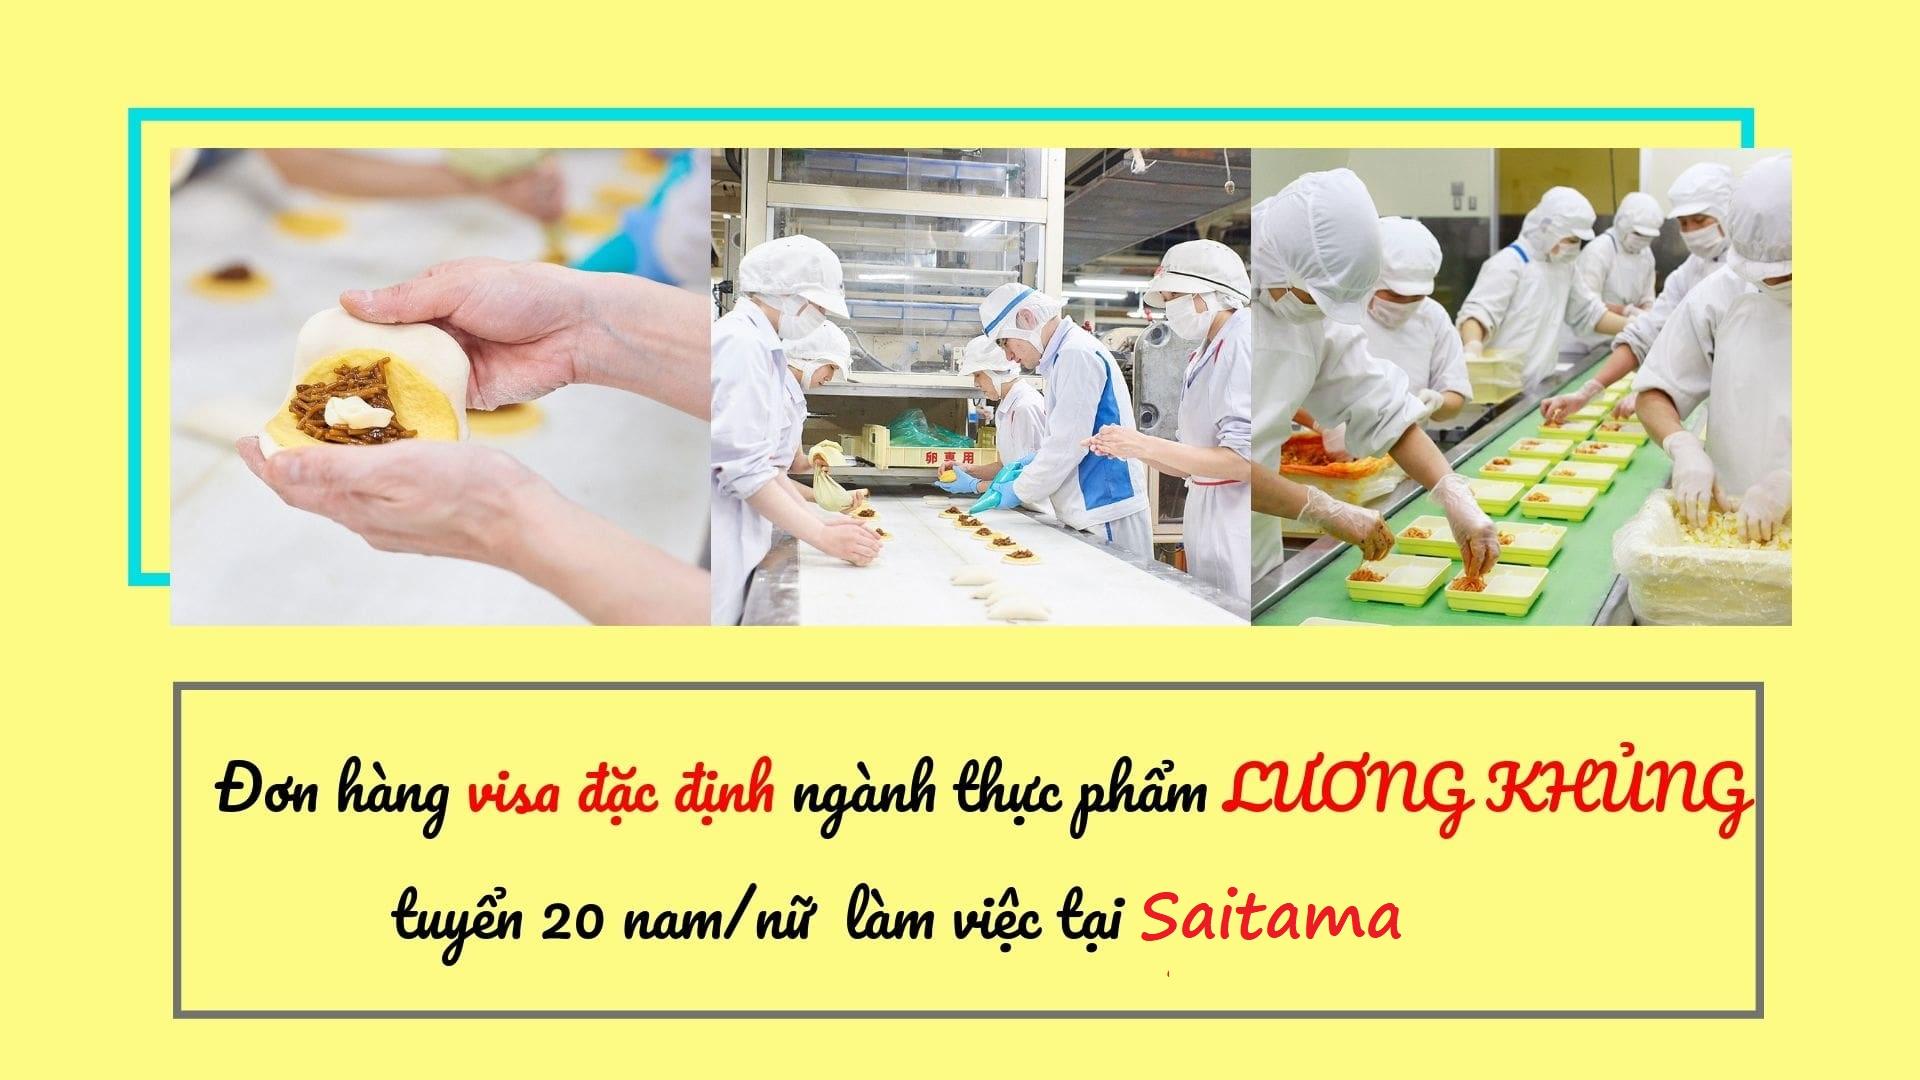 Tuyển 20 nam/nữ đơn hàng visa đặc định ngành thực phẩm LƯƠNG KHỦNG tại Aichi